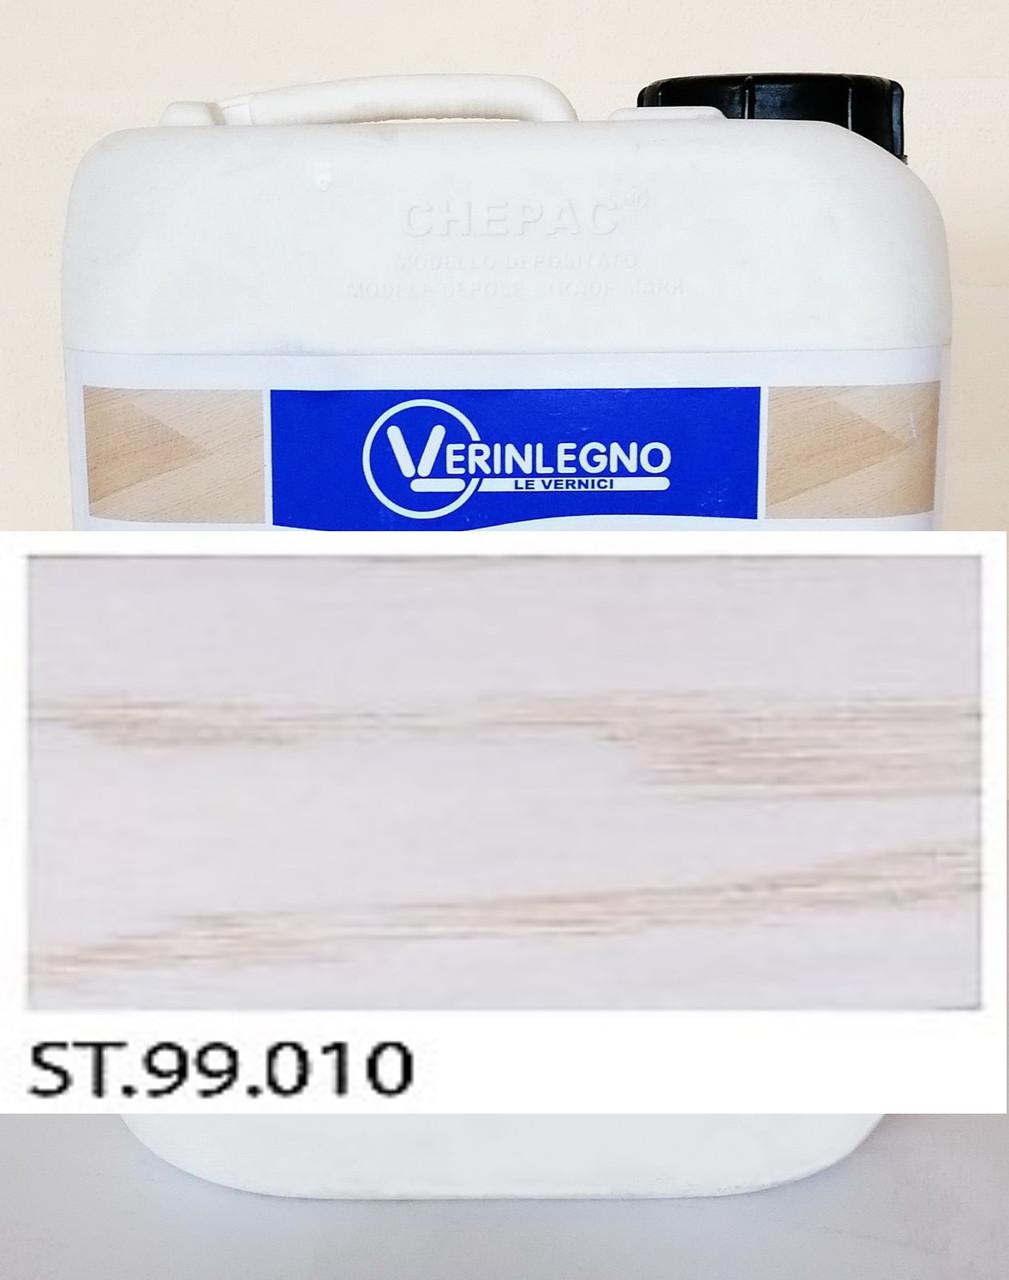 Барвник (морилка, просочення, бейц) для дерева VERINLEGNO ST.99.010.Білий, тара: 1л.